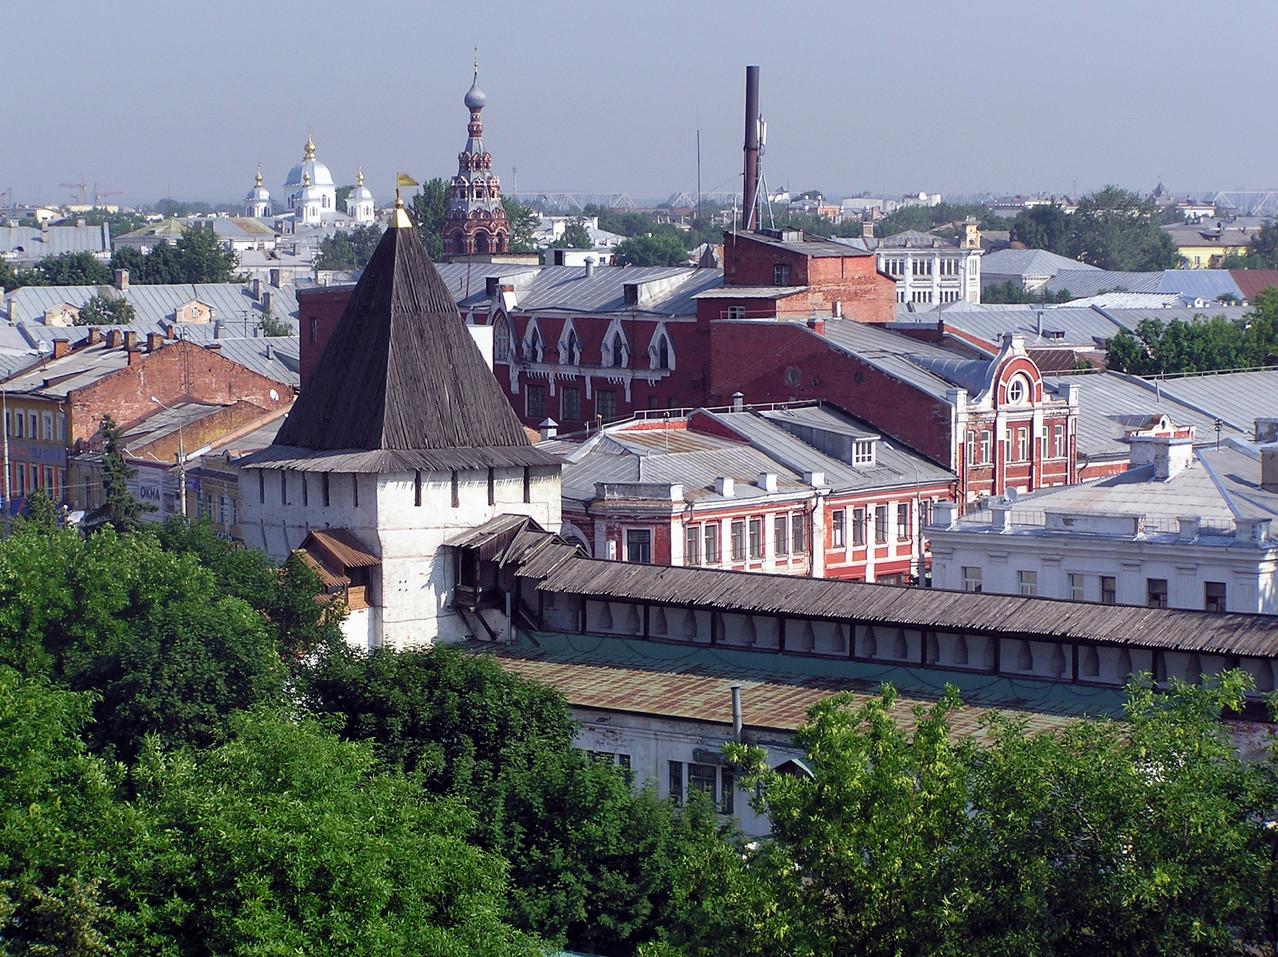 Am nächsten Morgen erreichen wir Jaroslawl, wo es ...